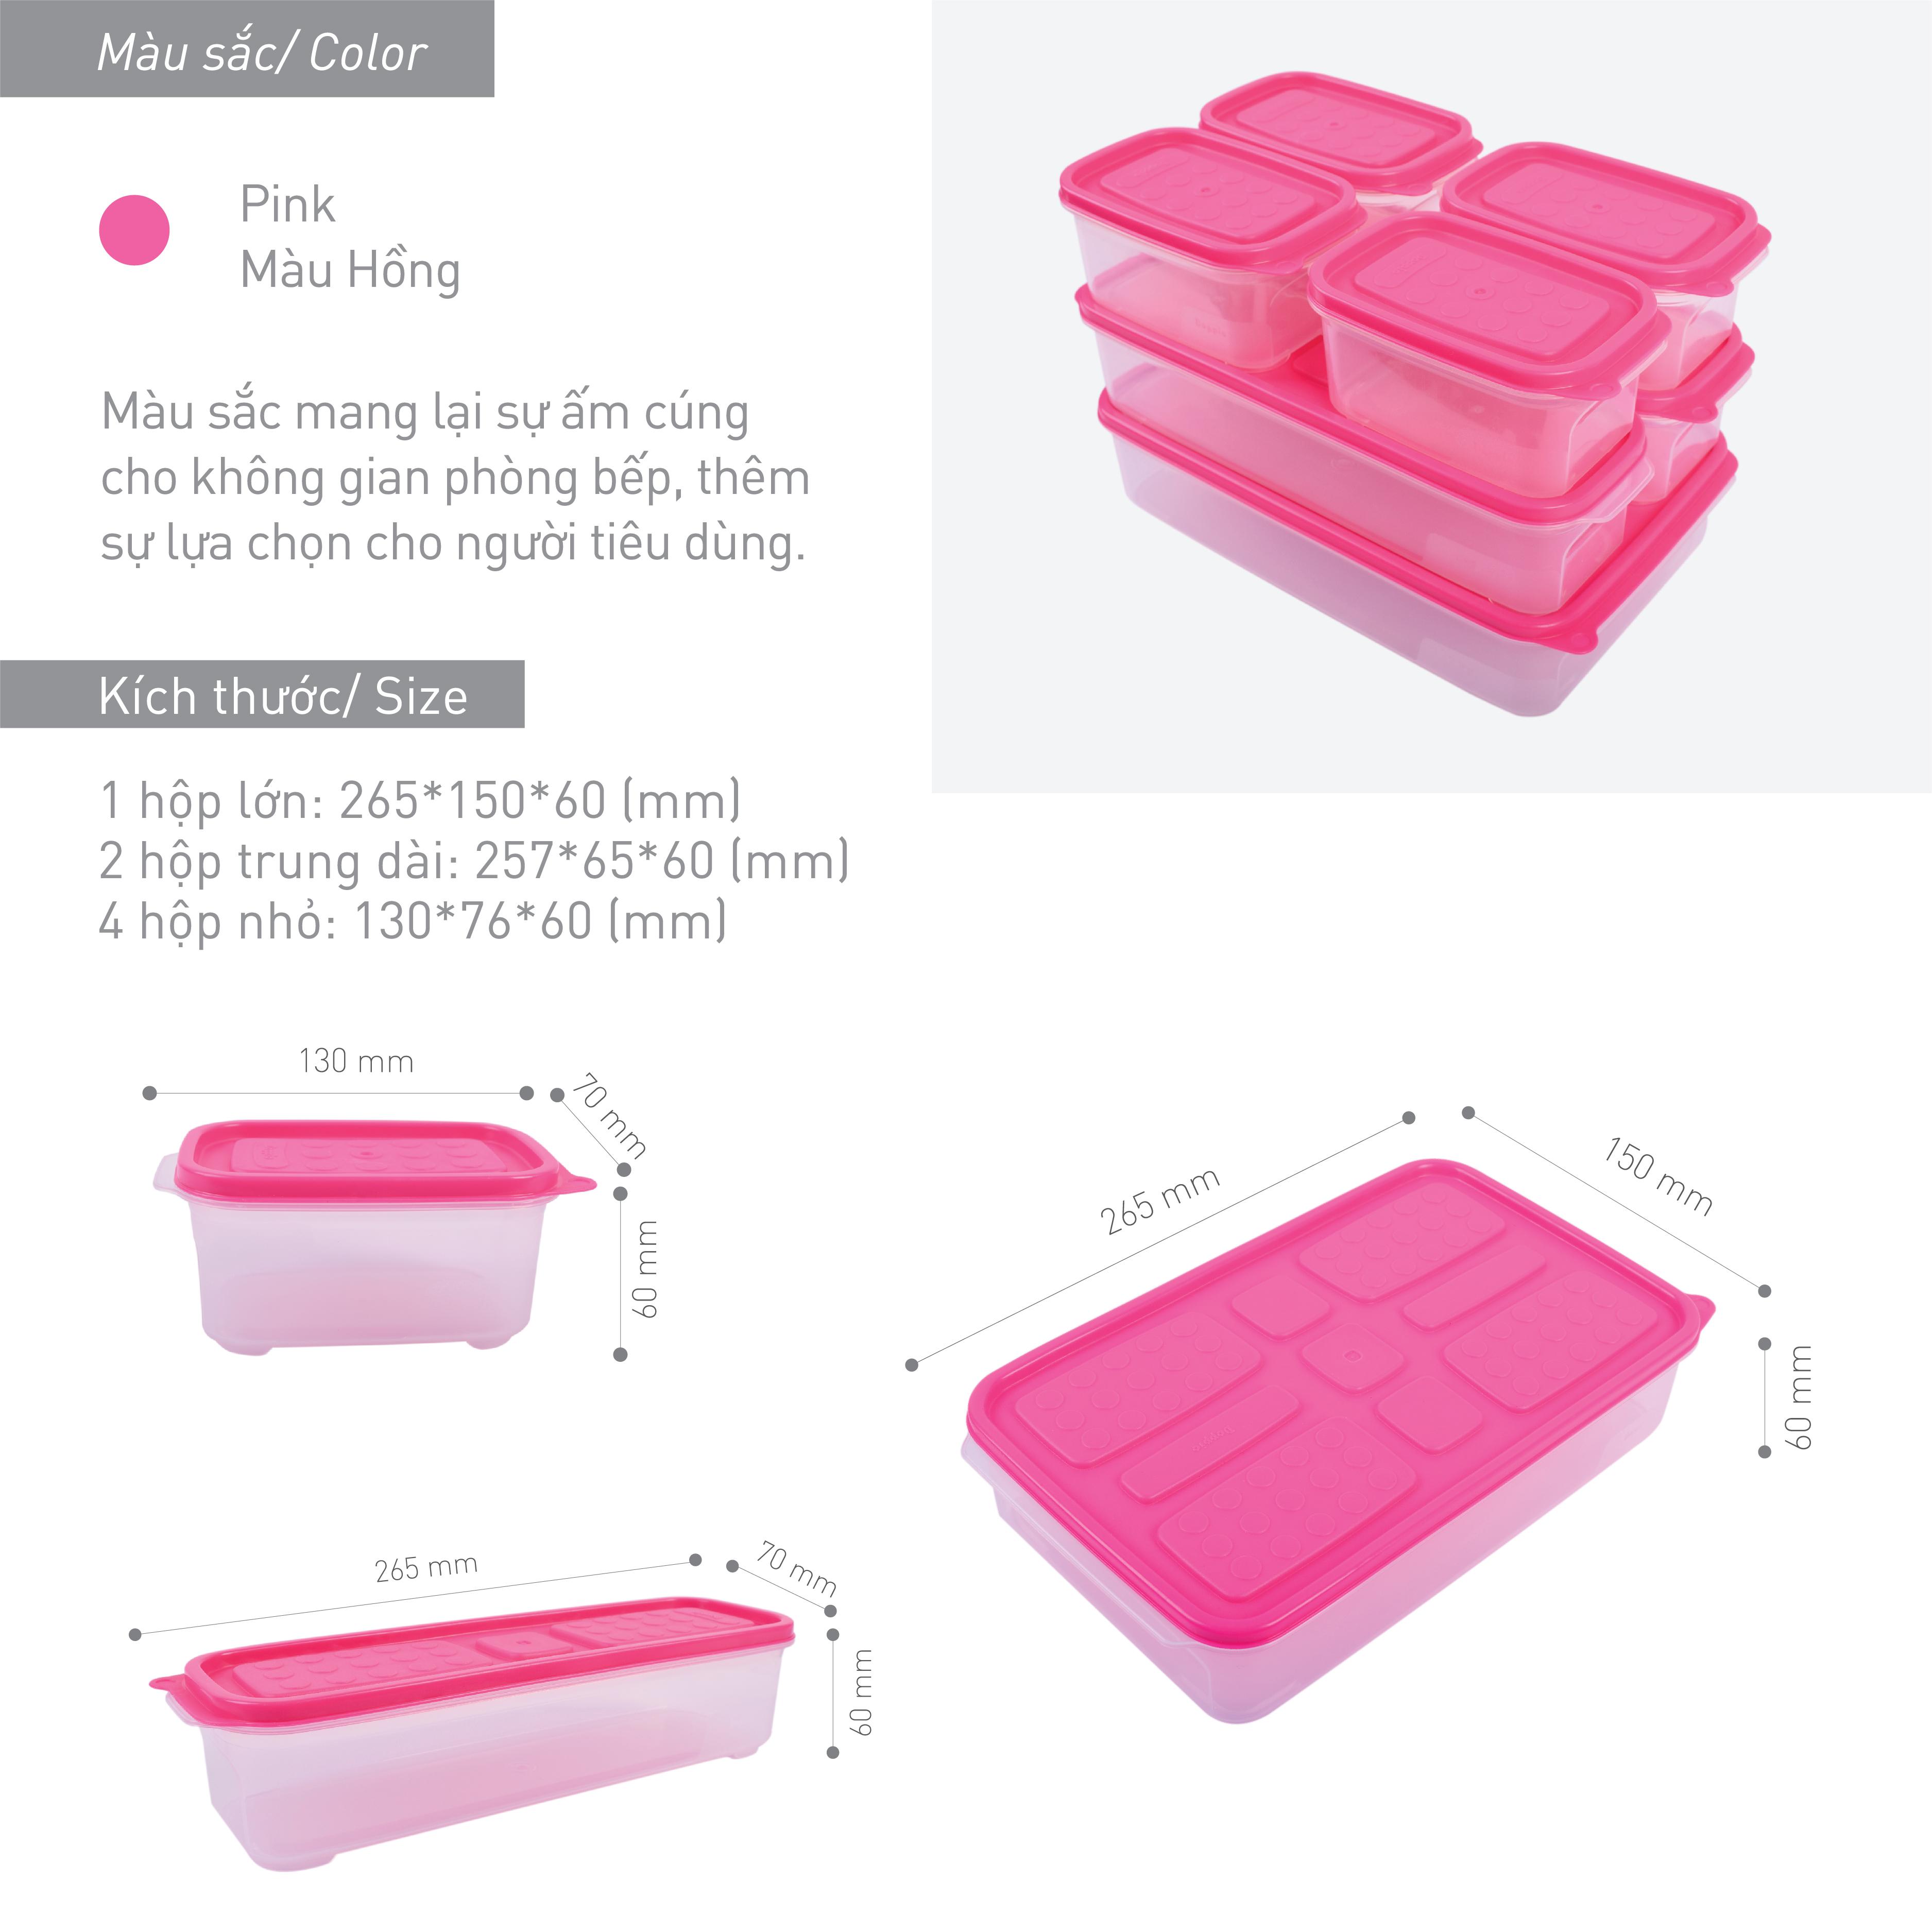 Combo 7 hộp nhựa đựng thực phẩm Hàn Quốc - Set 05 - Màu hồng